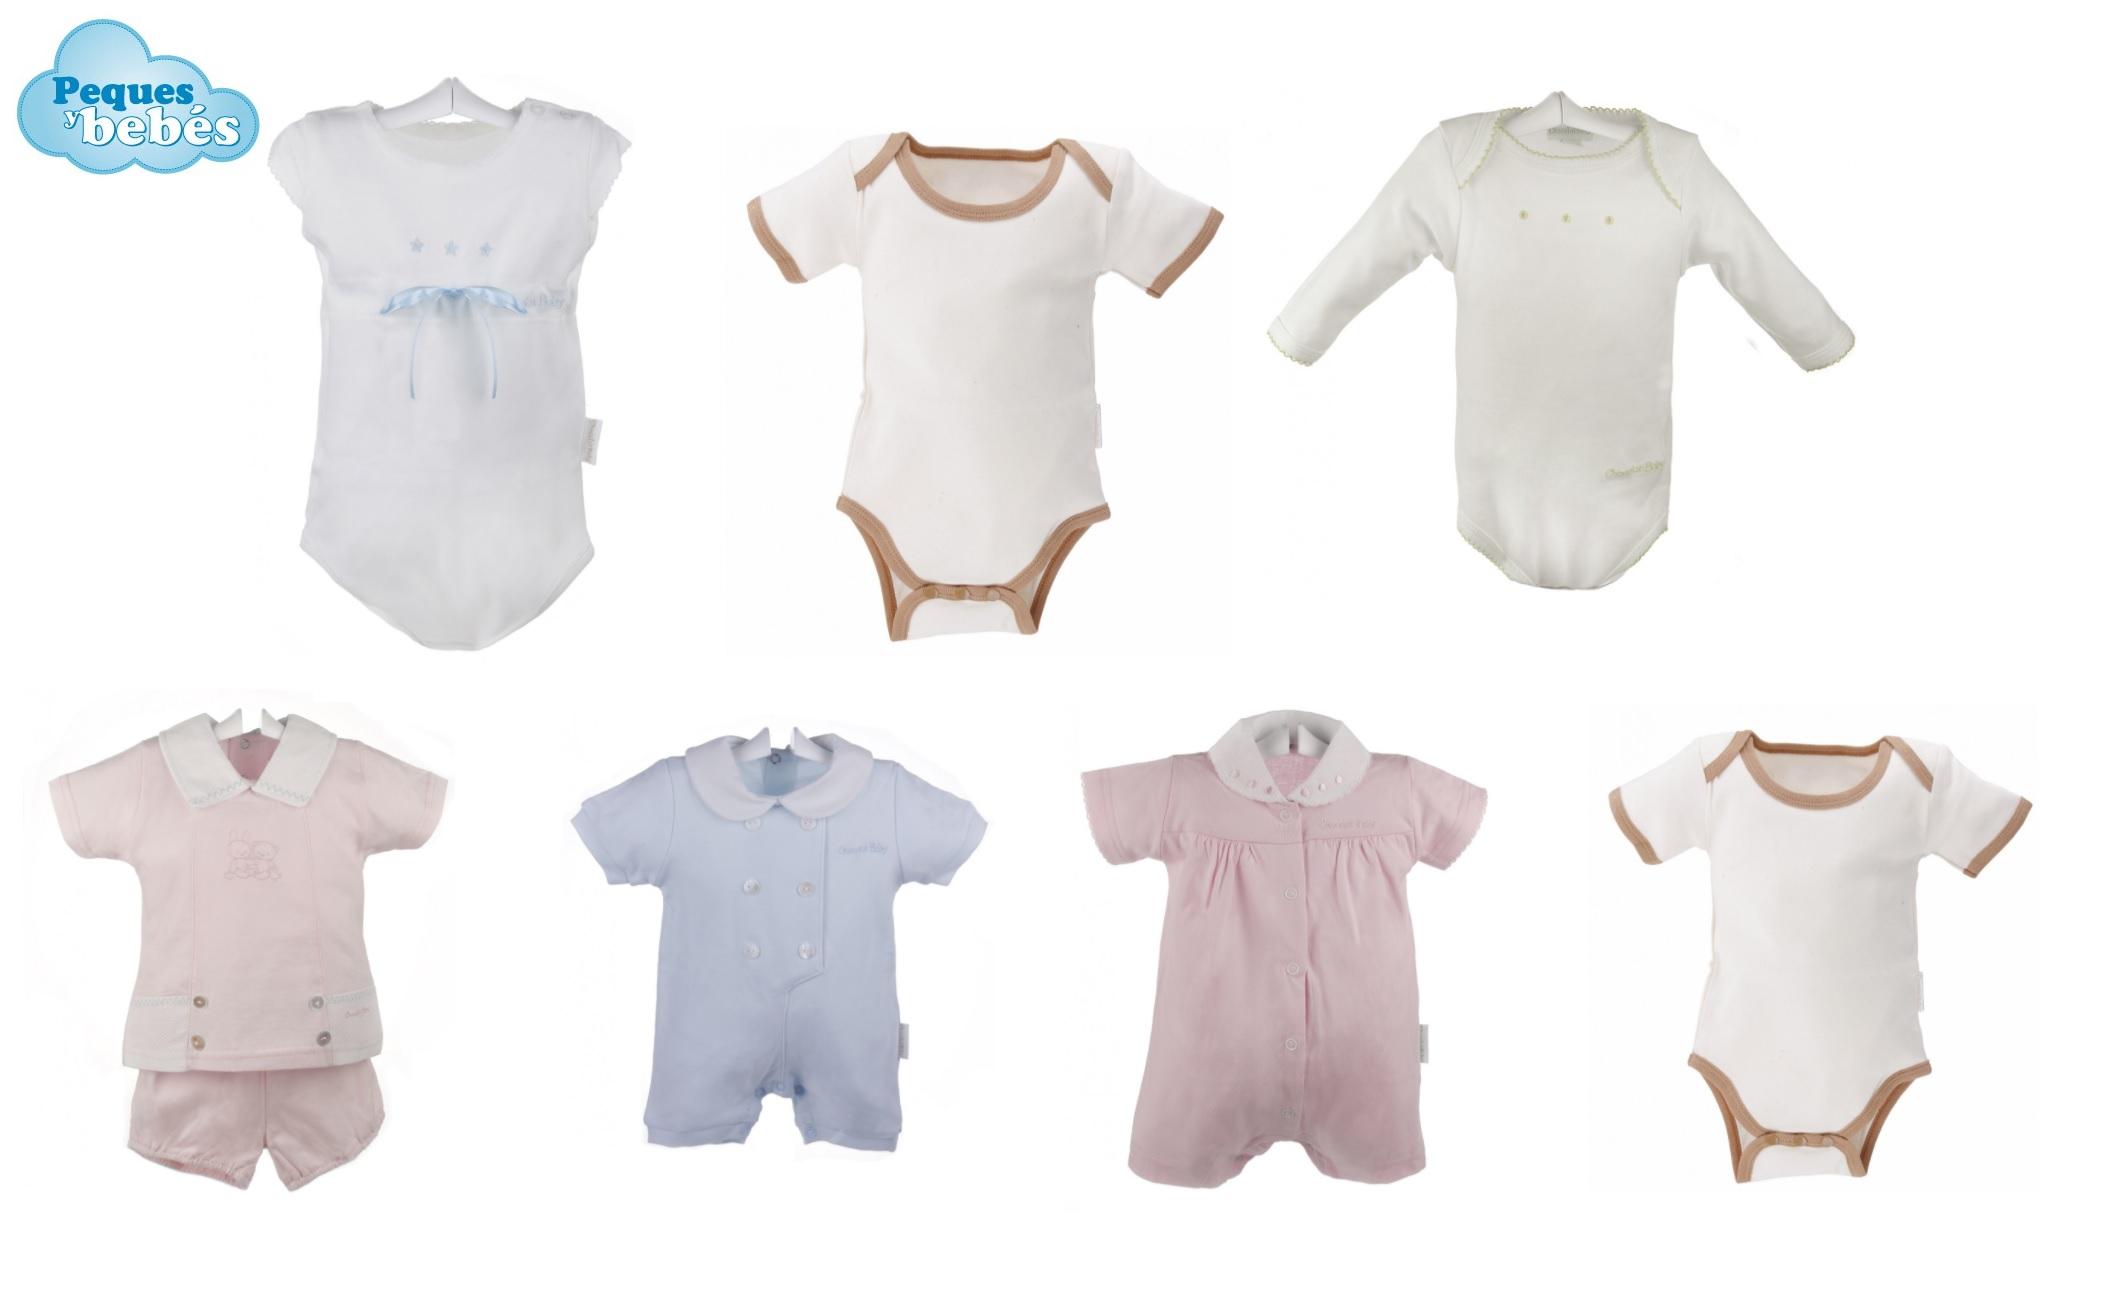 2f60d3502 Más allá de los pijamas de bebé para verano, existen otros consejos que  pueden ayudarnos a que nuestros pequeños duerman cómodos y fresquitos como: